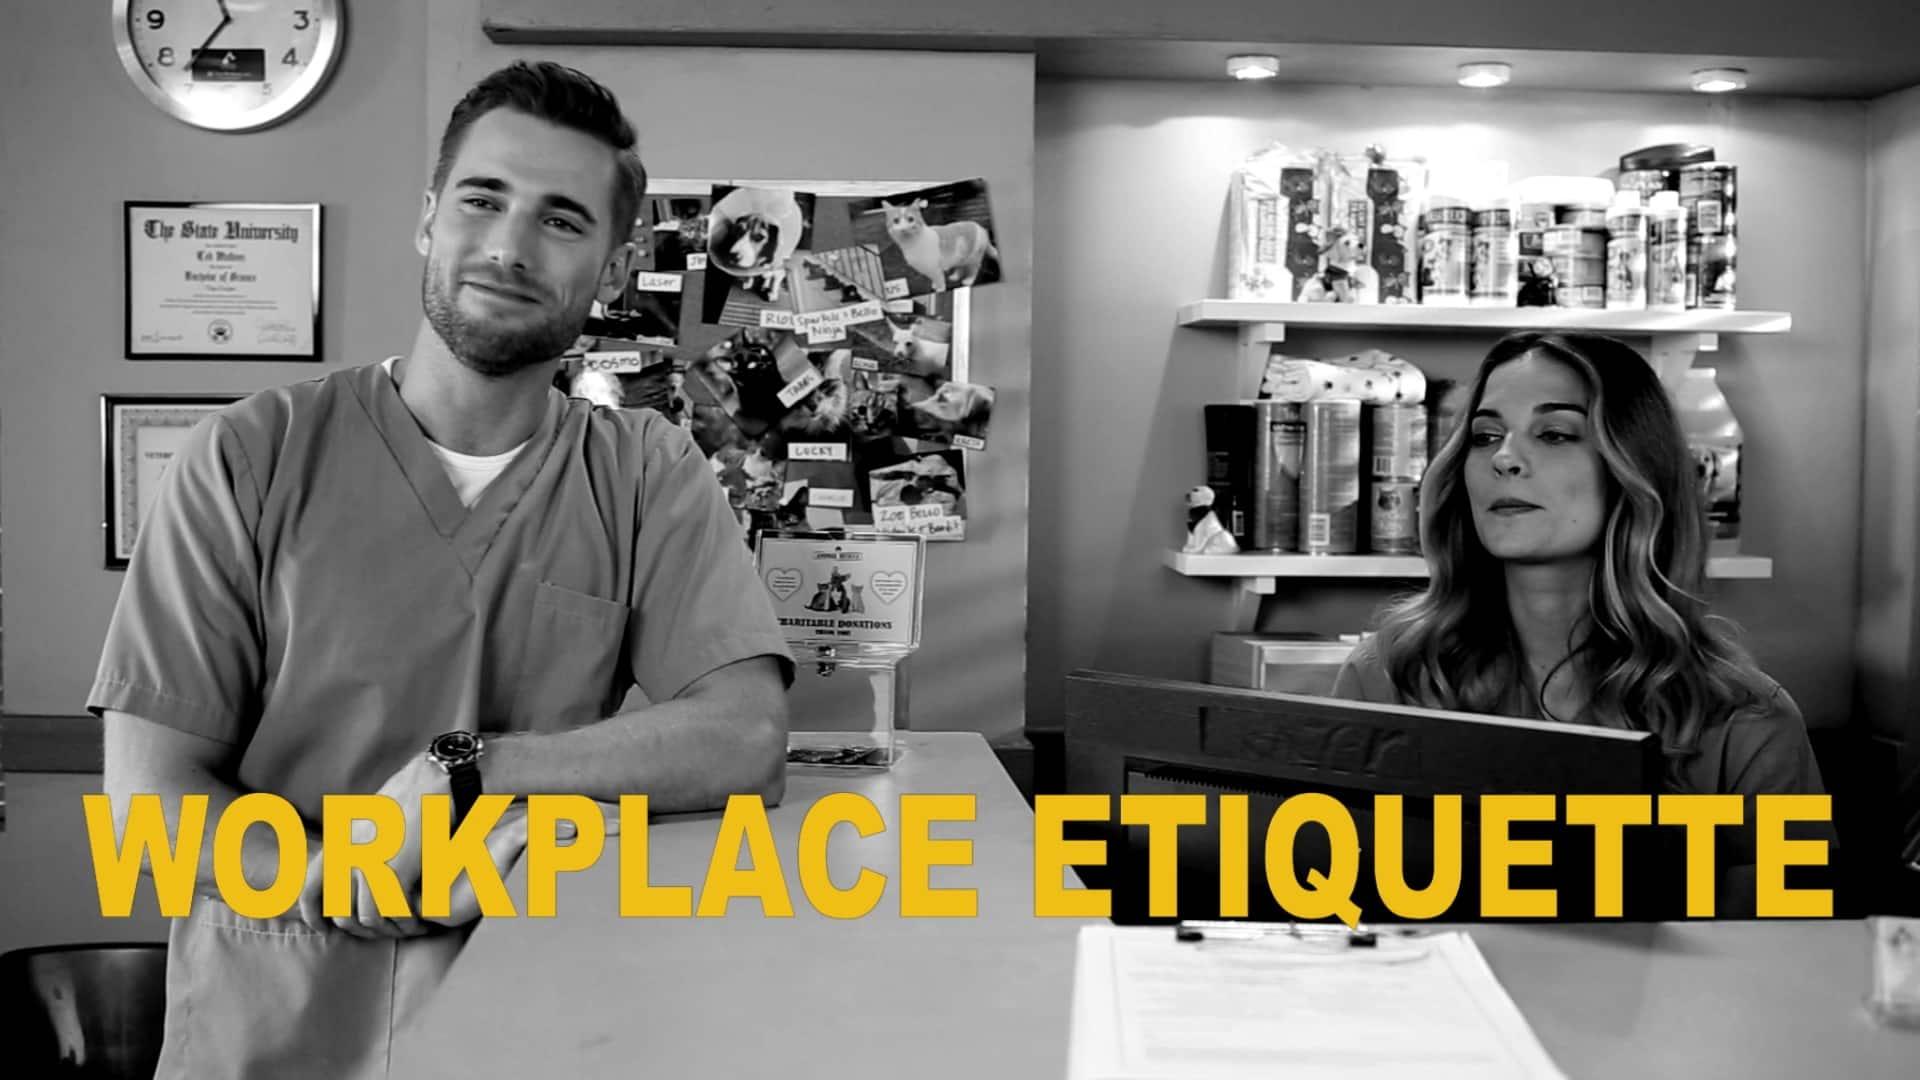 inside-sc-303_workplace-etiquette